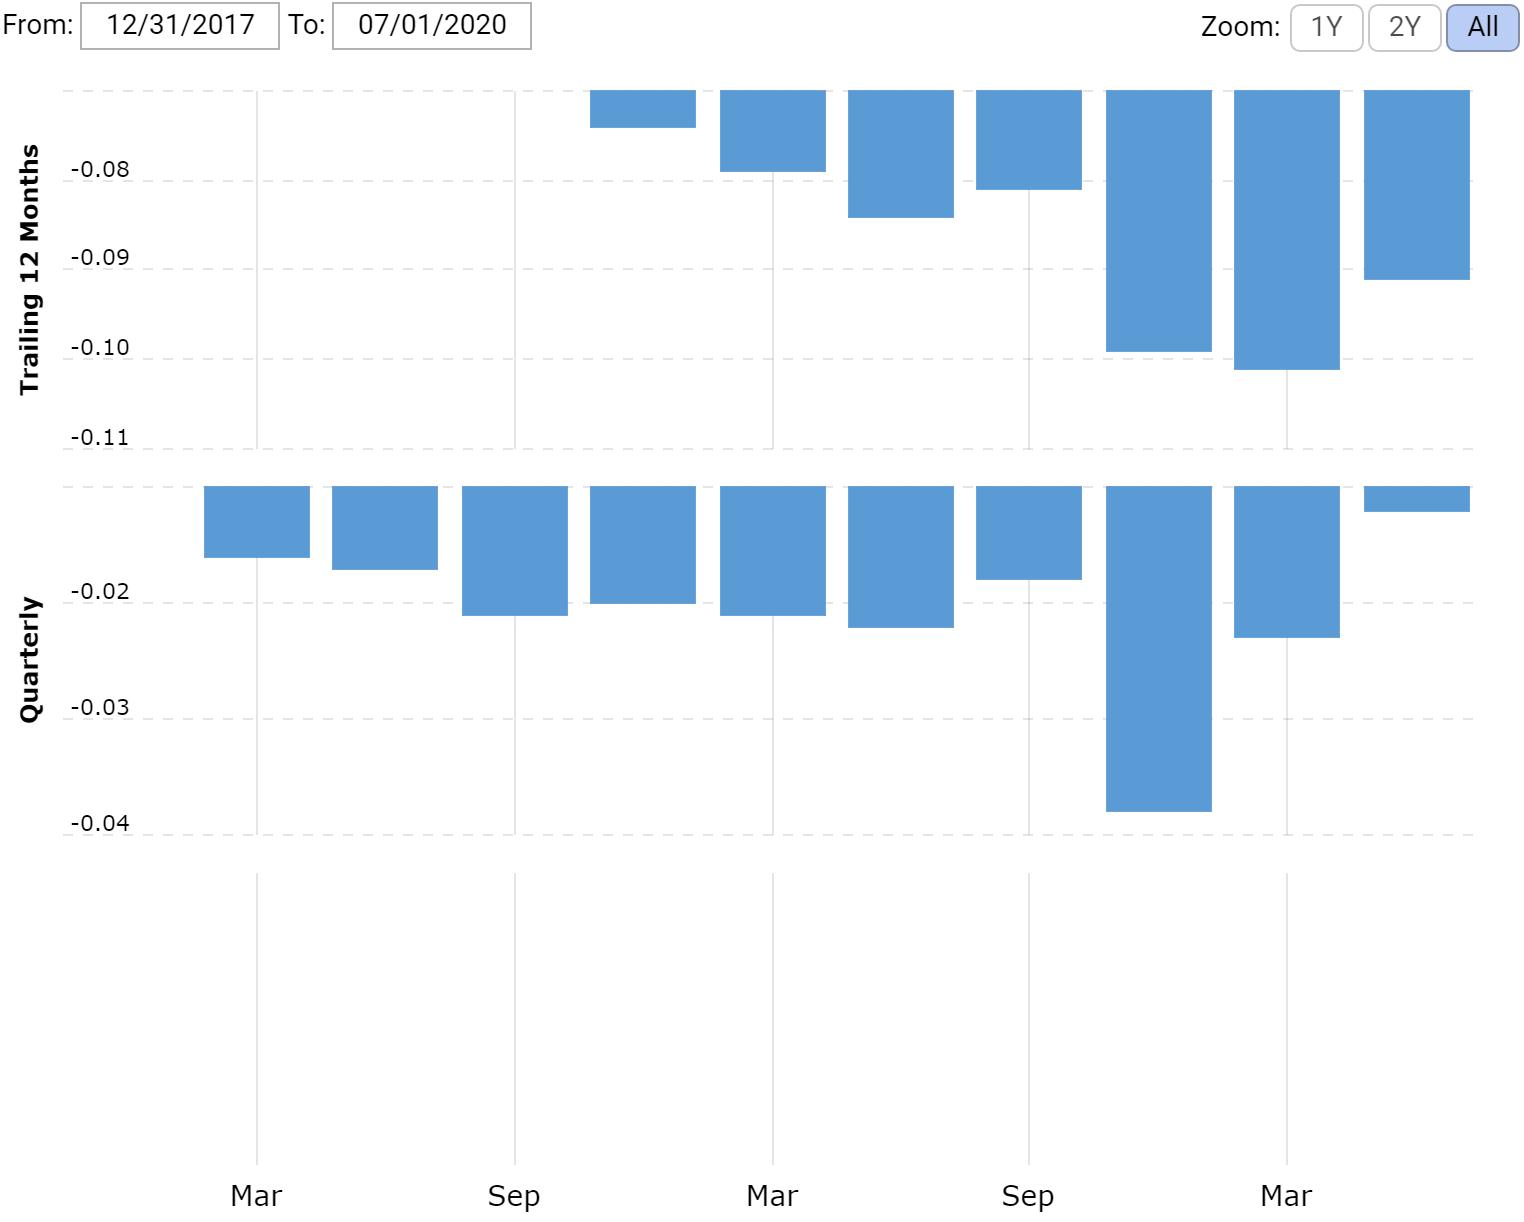 Прибыль компании за последние 12 месяцев и поквартально в миллиардах долларов. Источник: Macrotrends